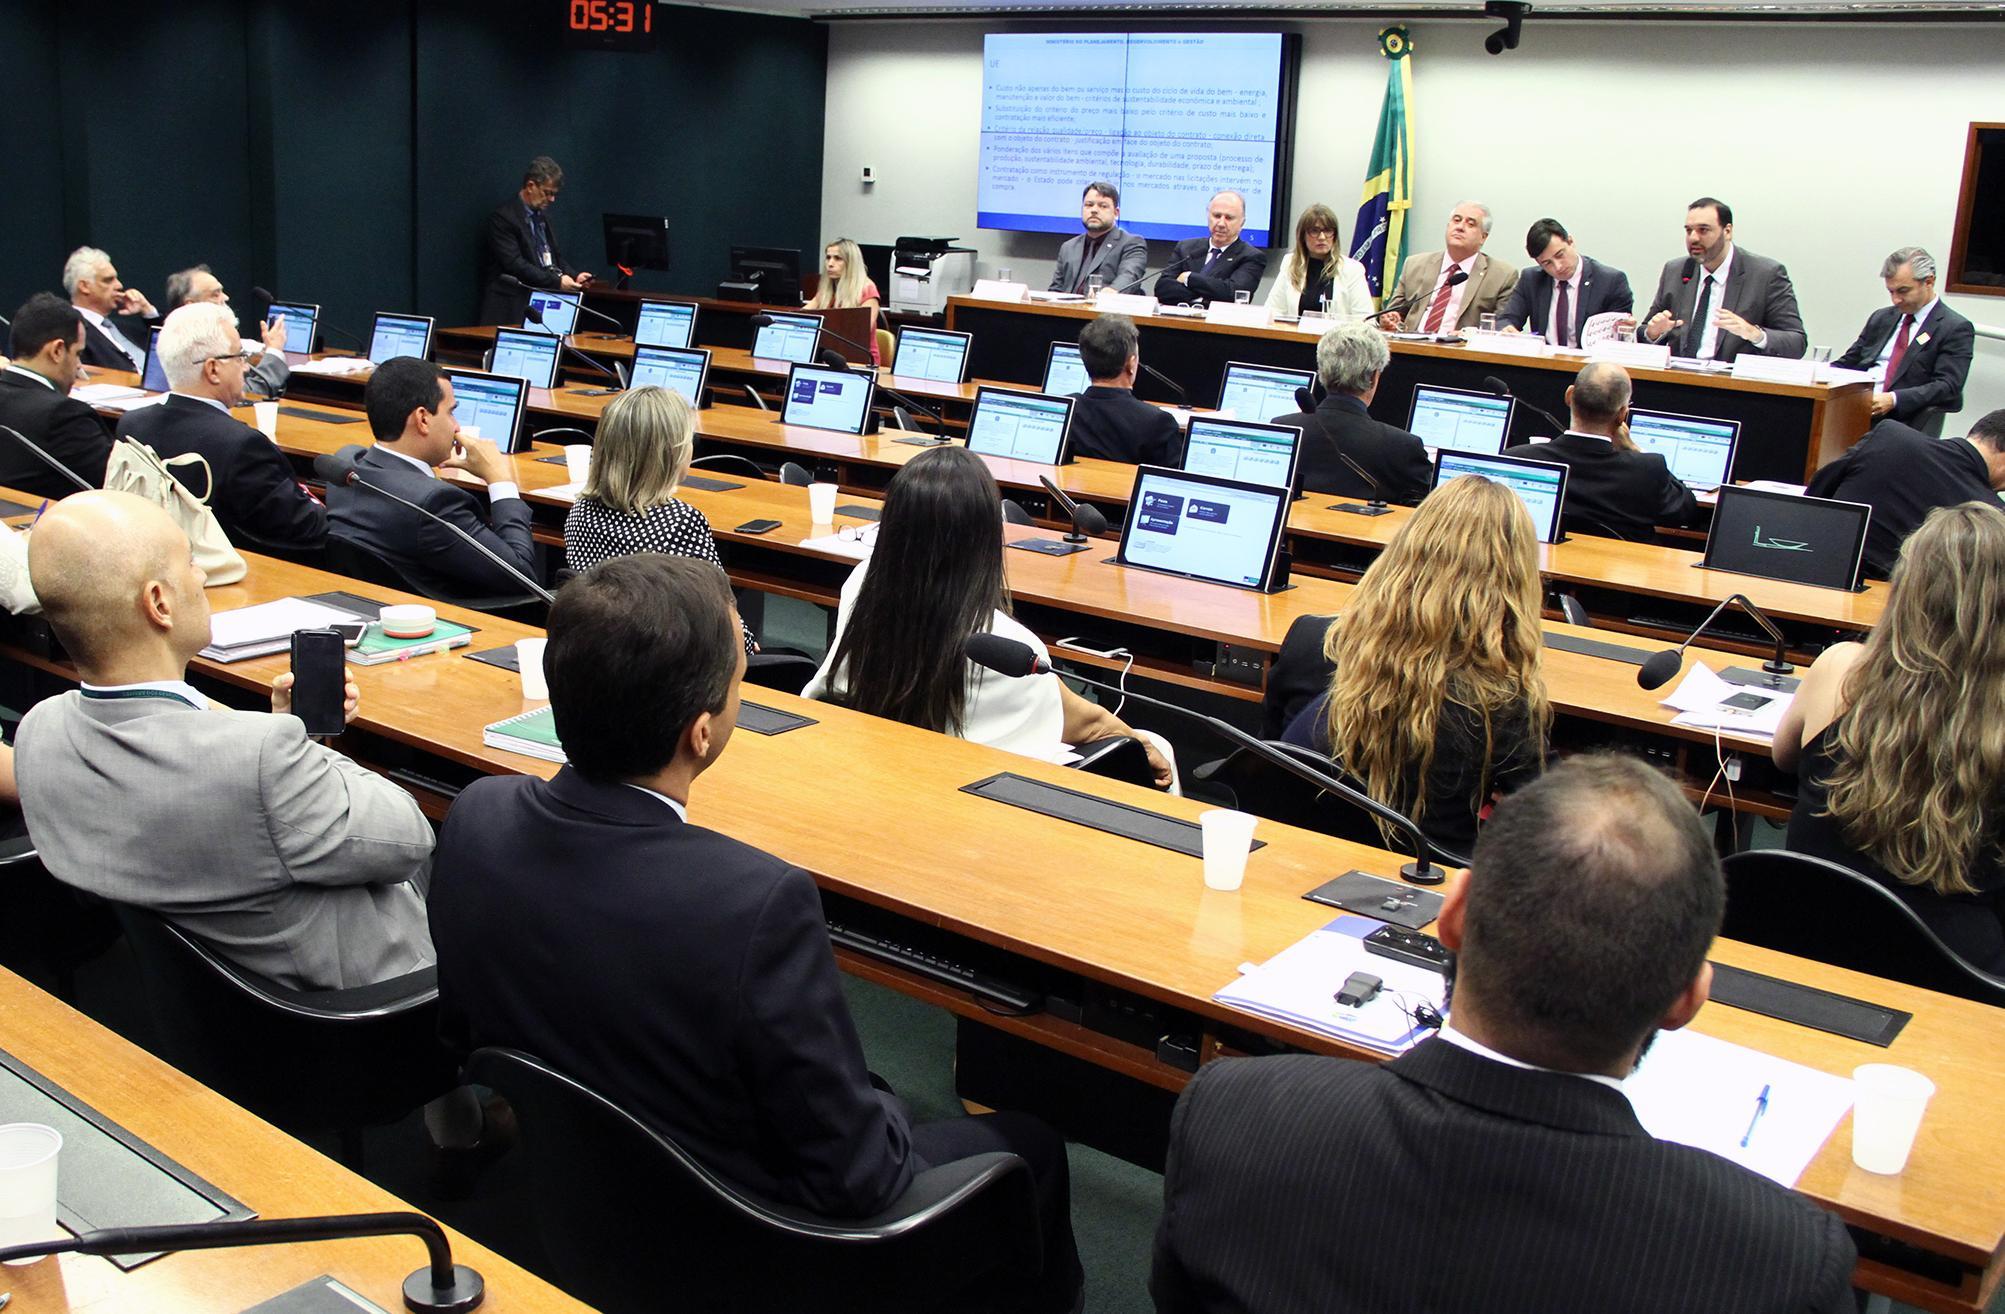 Audiência pública e reunião ordinária para debate sobre o PL 1292/1995 e apensados